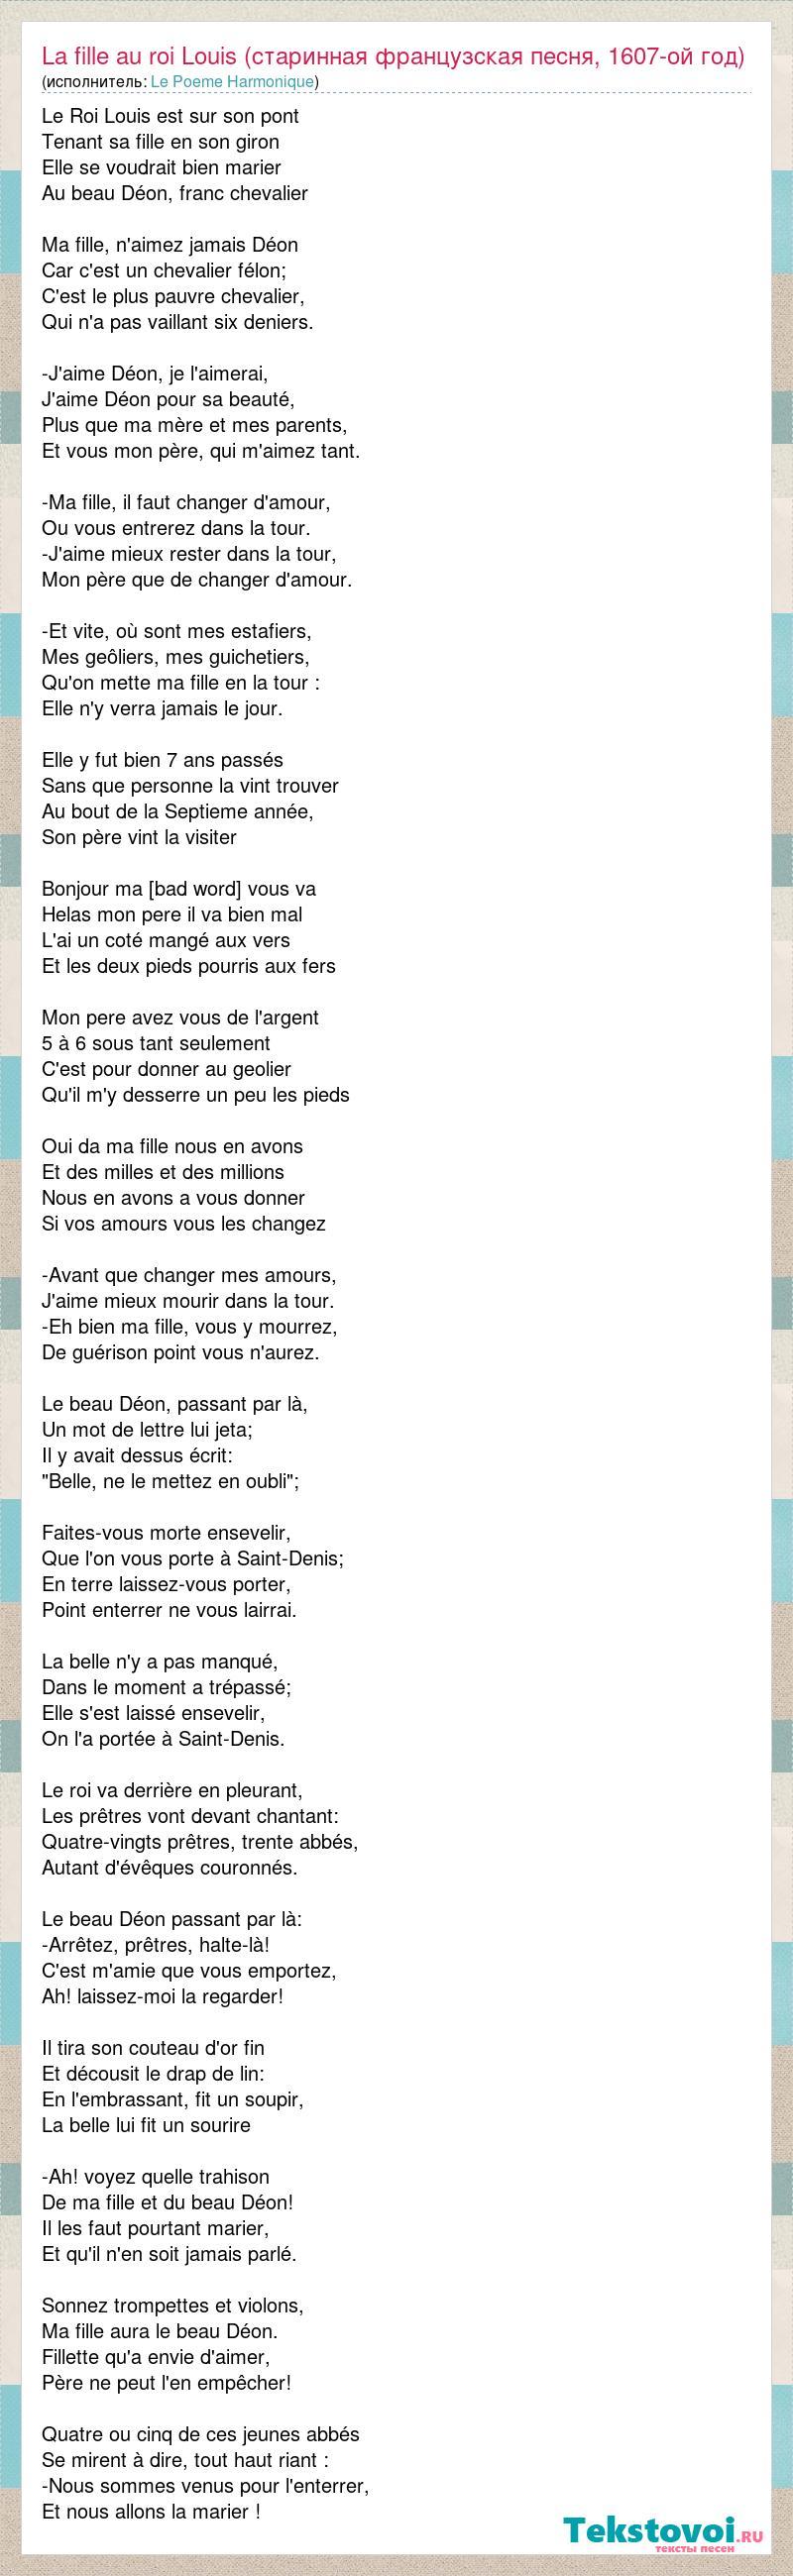 La Fille Au Roi Louis : fille, louis, Poeme, Harmonique:, Fille, Louis, (старинная, французская, песня,, 1607-ой, год), слова, песни